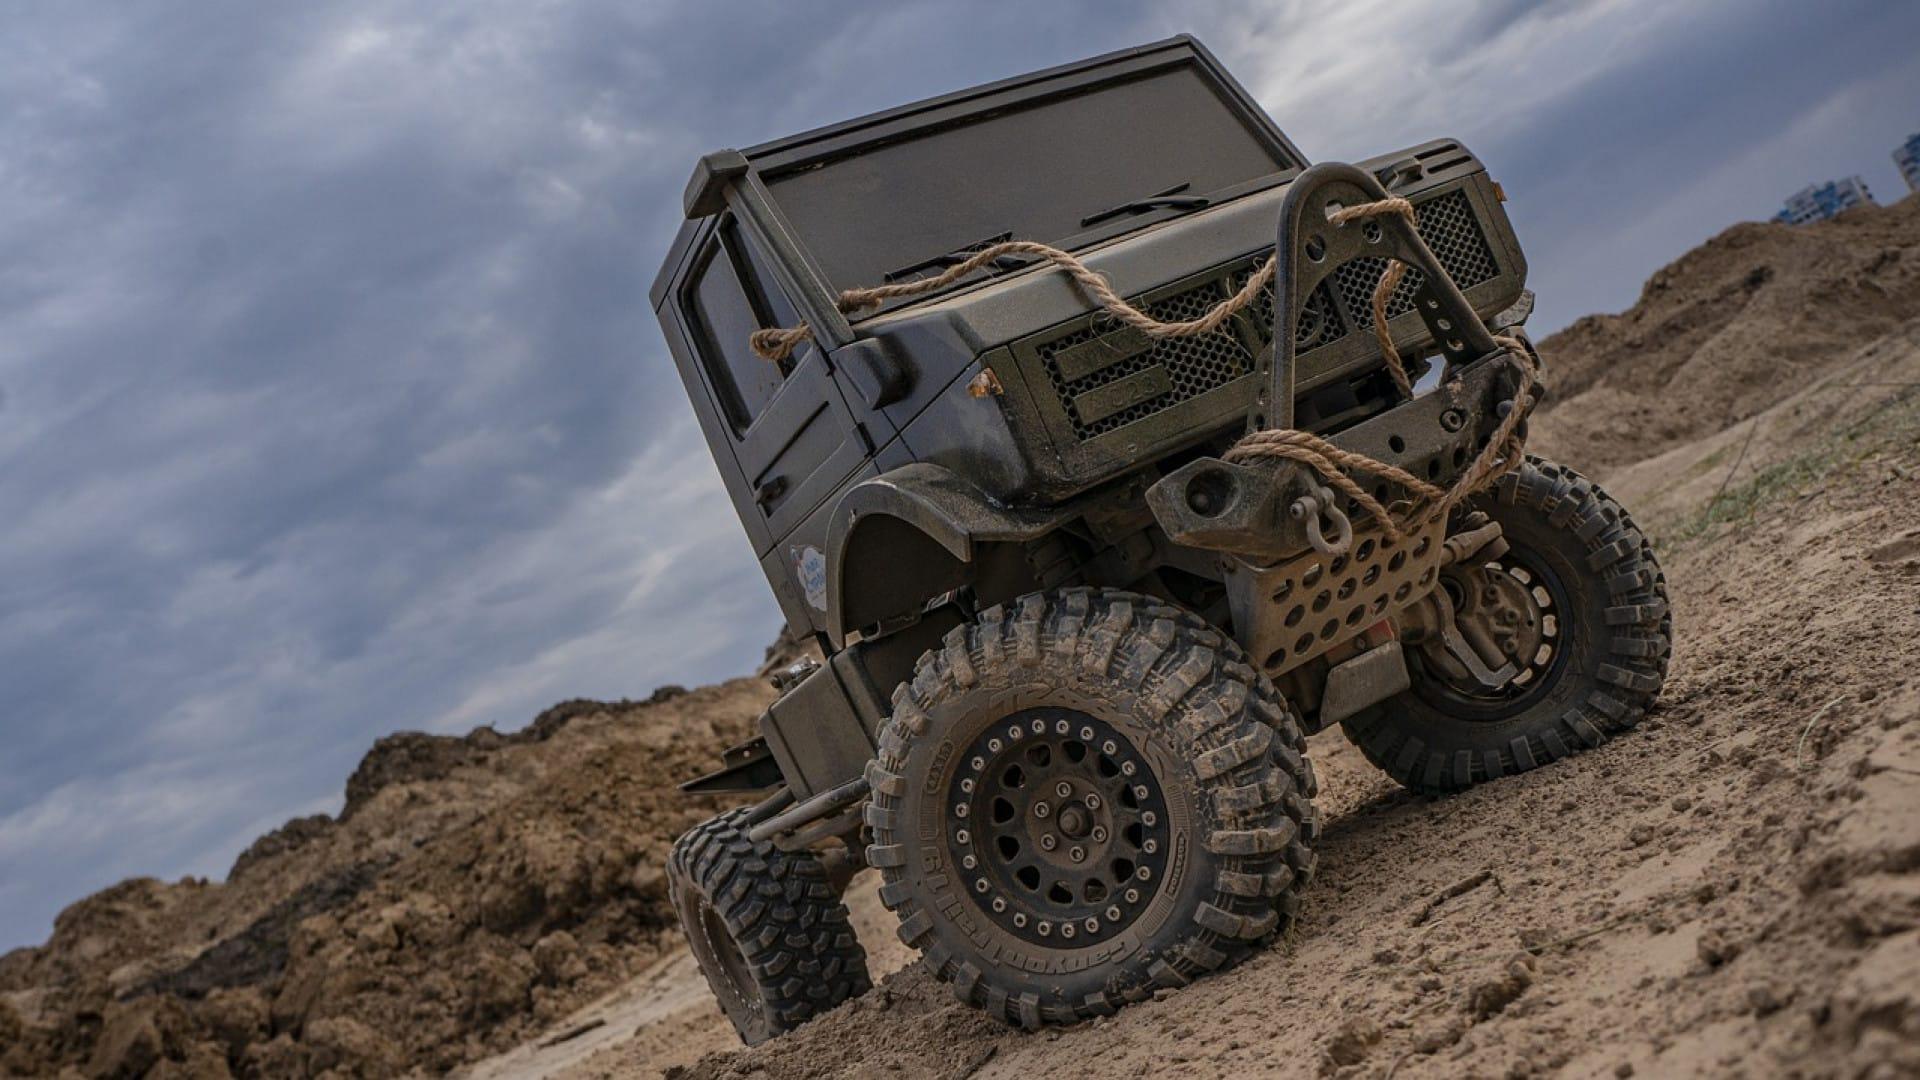 L'Unimog, un véhicule extraordinaire et polyvalent !